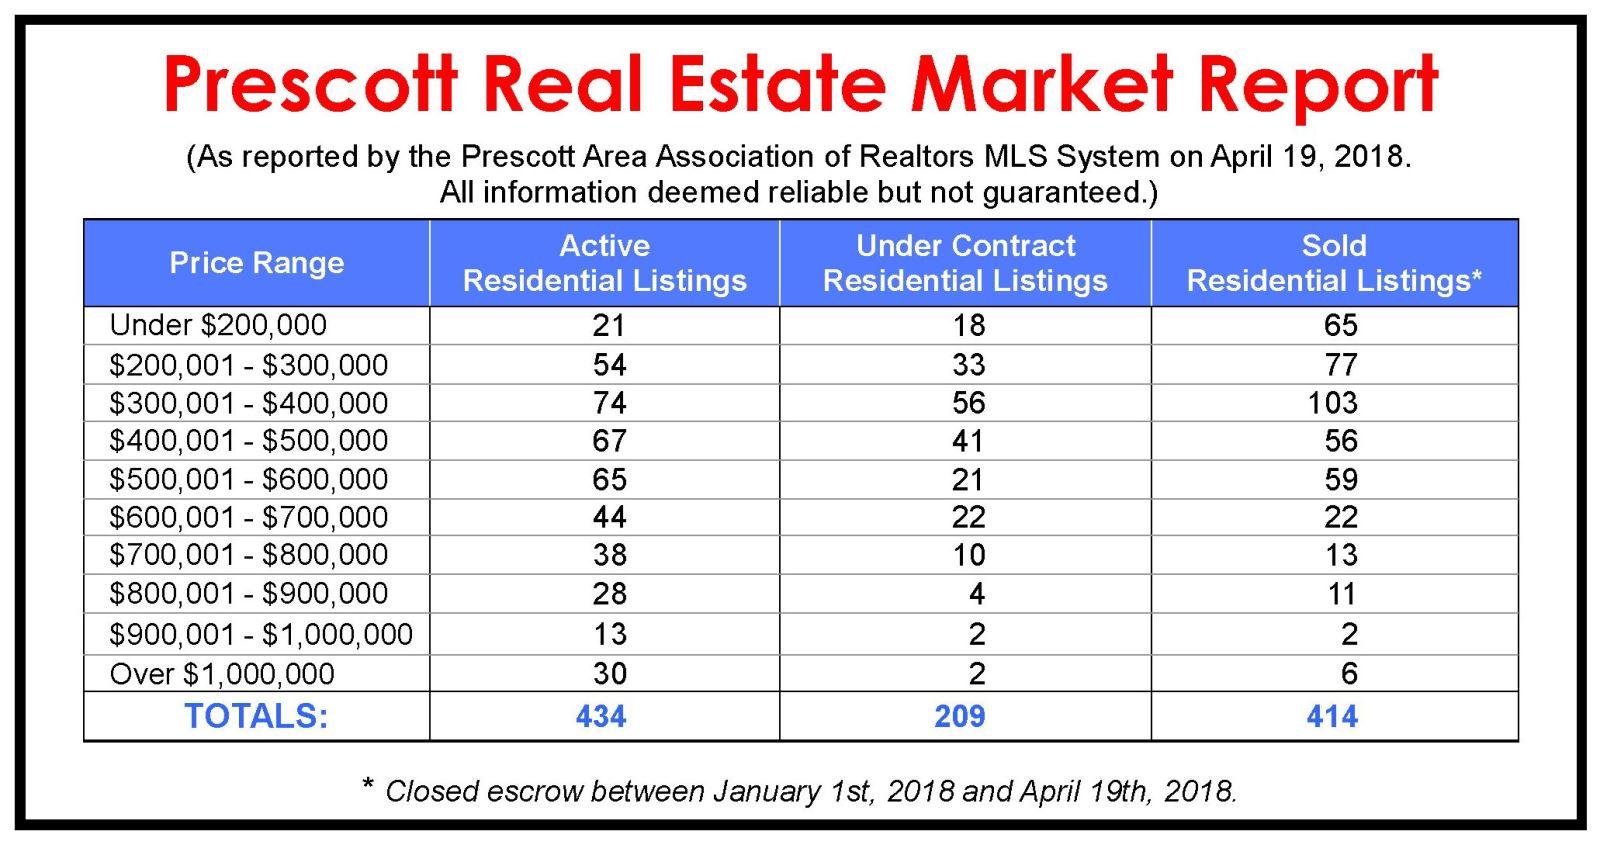 prescott market report